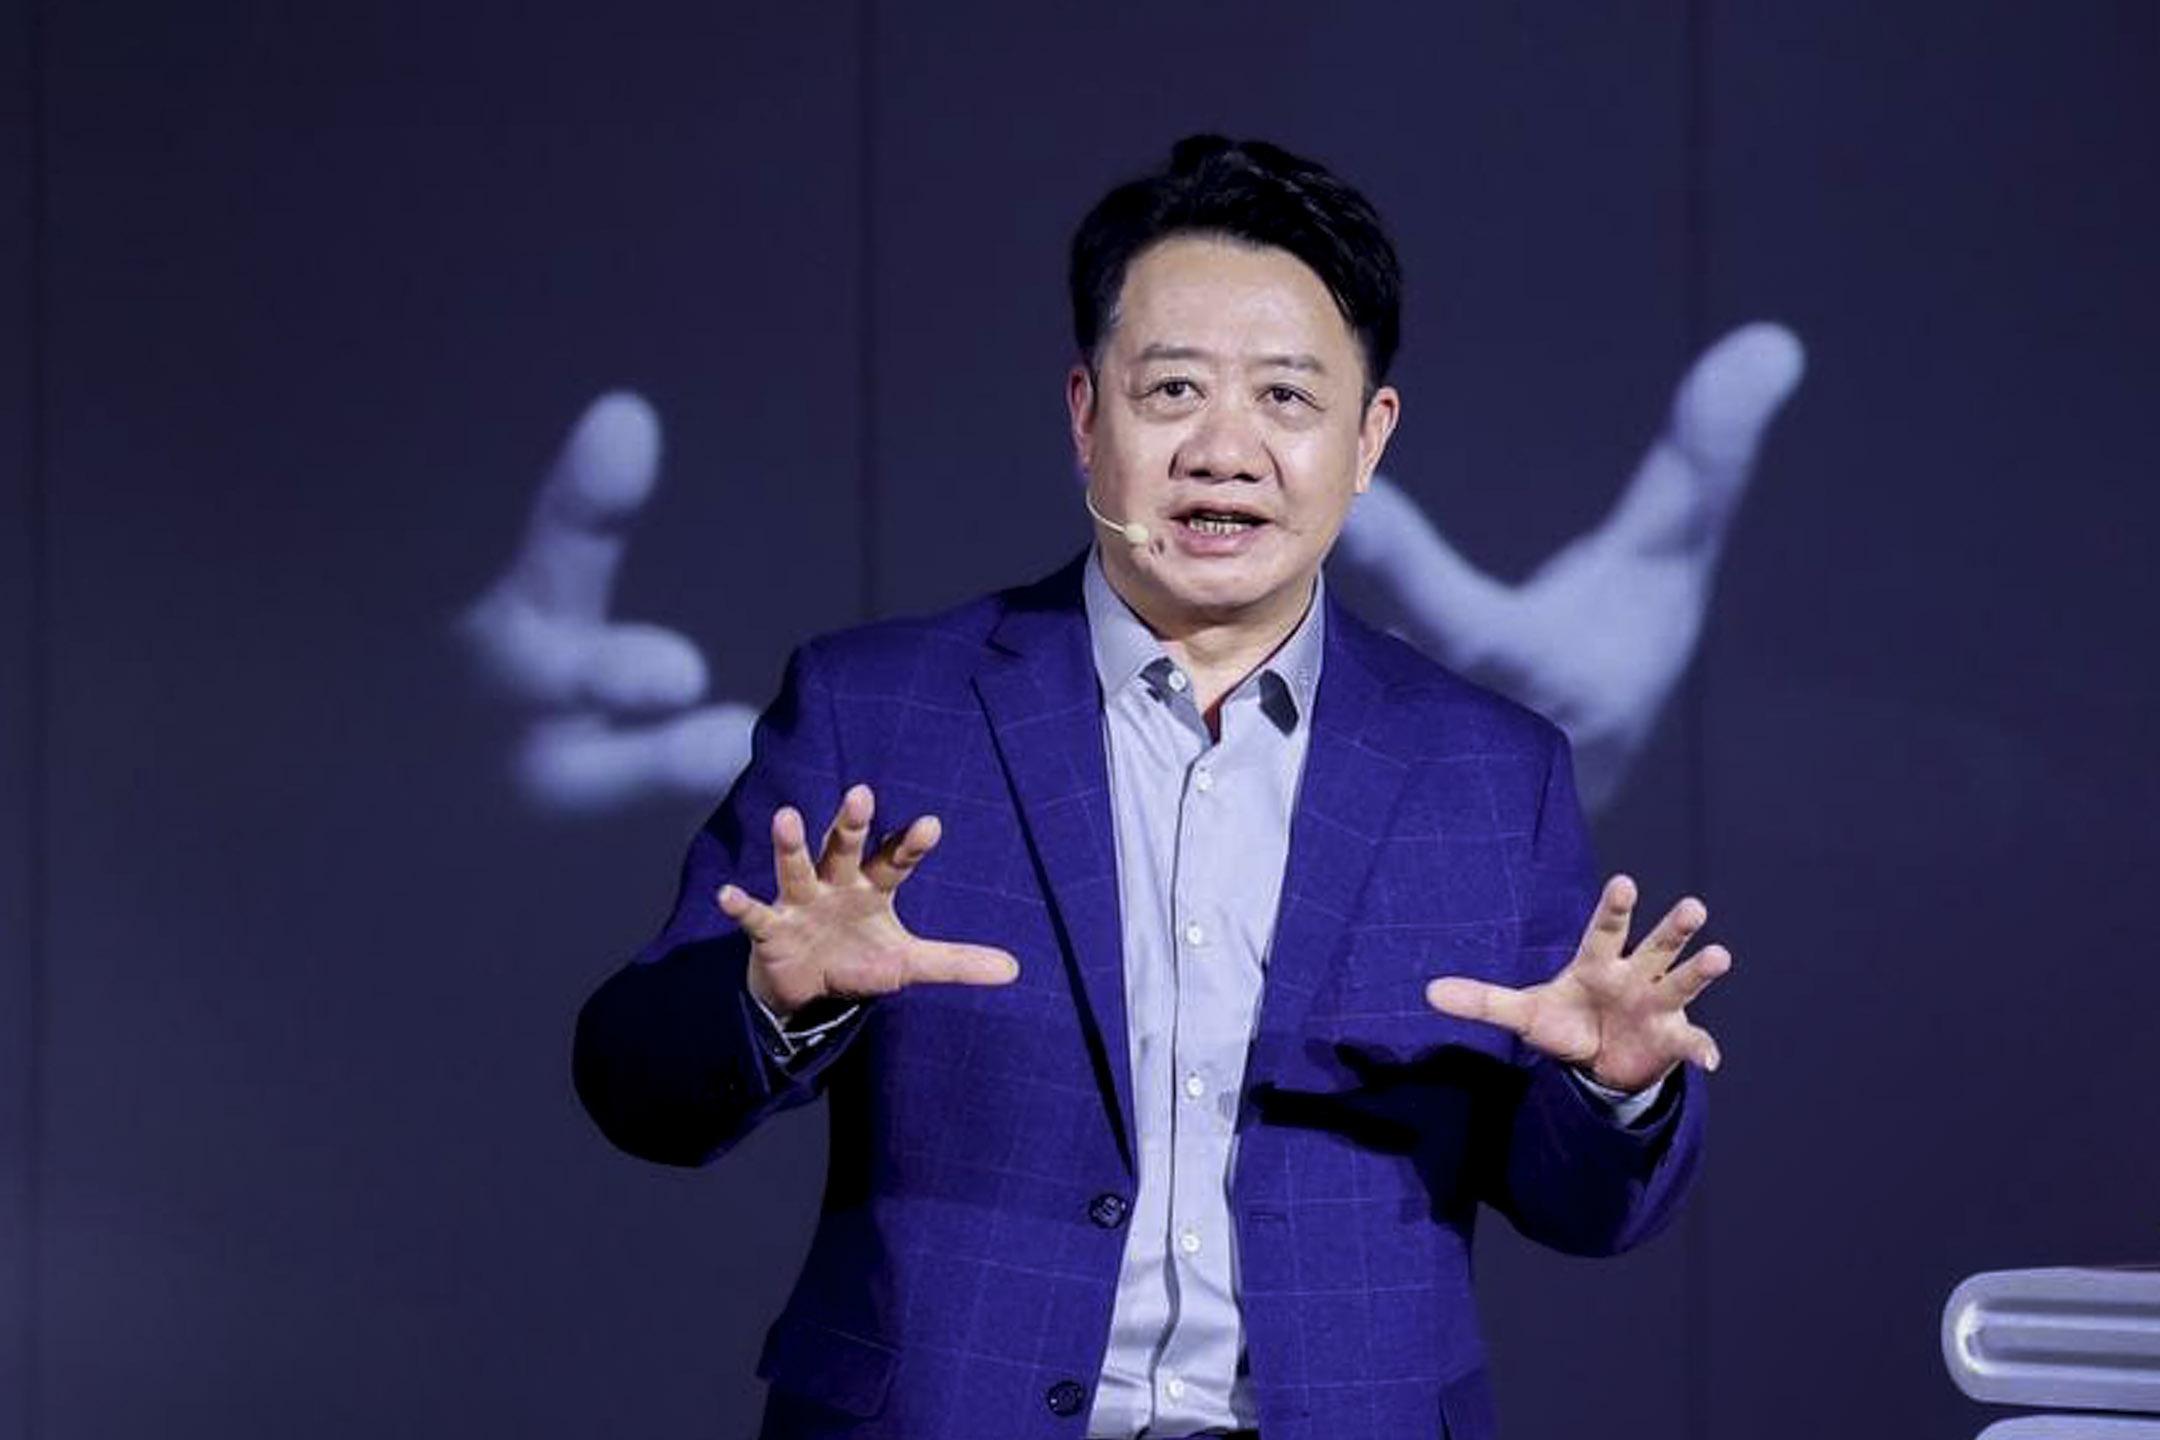 知识份子、政治学教授刘擎,主要研究方向为西方思想史、西方现代政治哲学及现代性问题,也是《奇葩说》第七季导师。